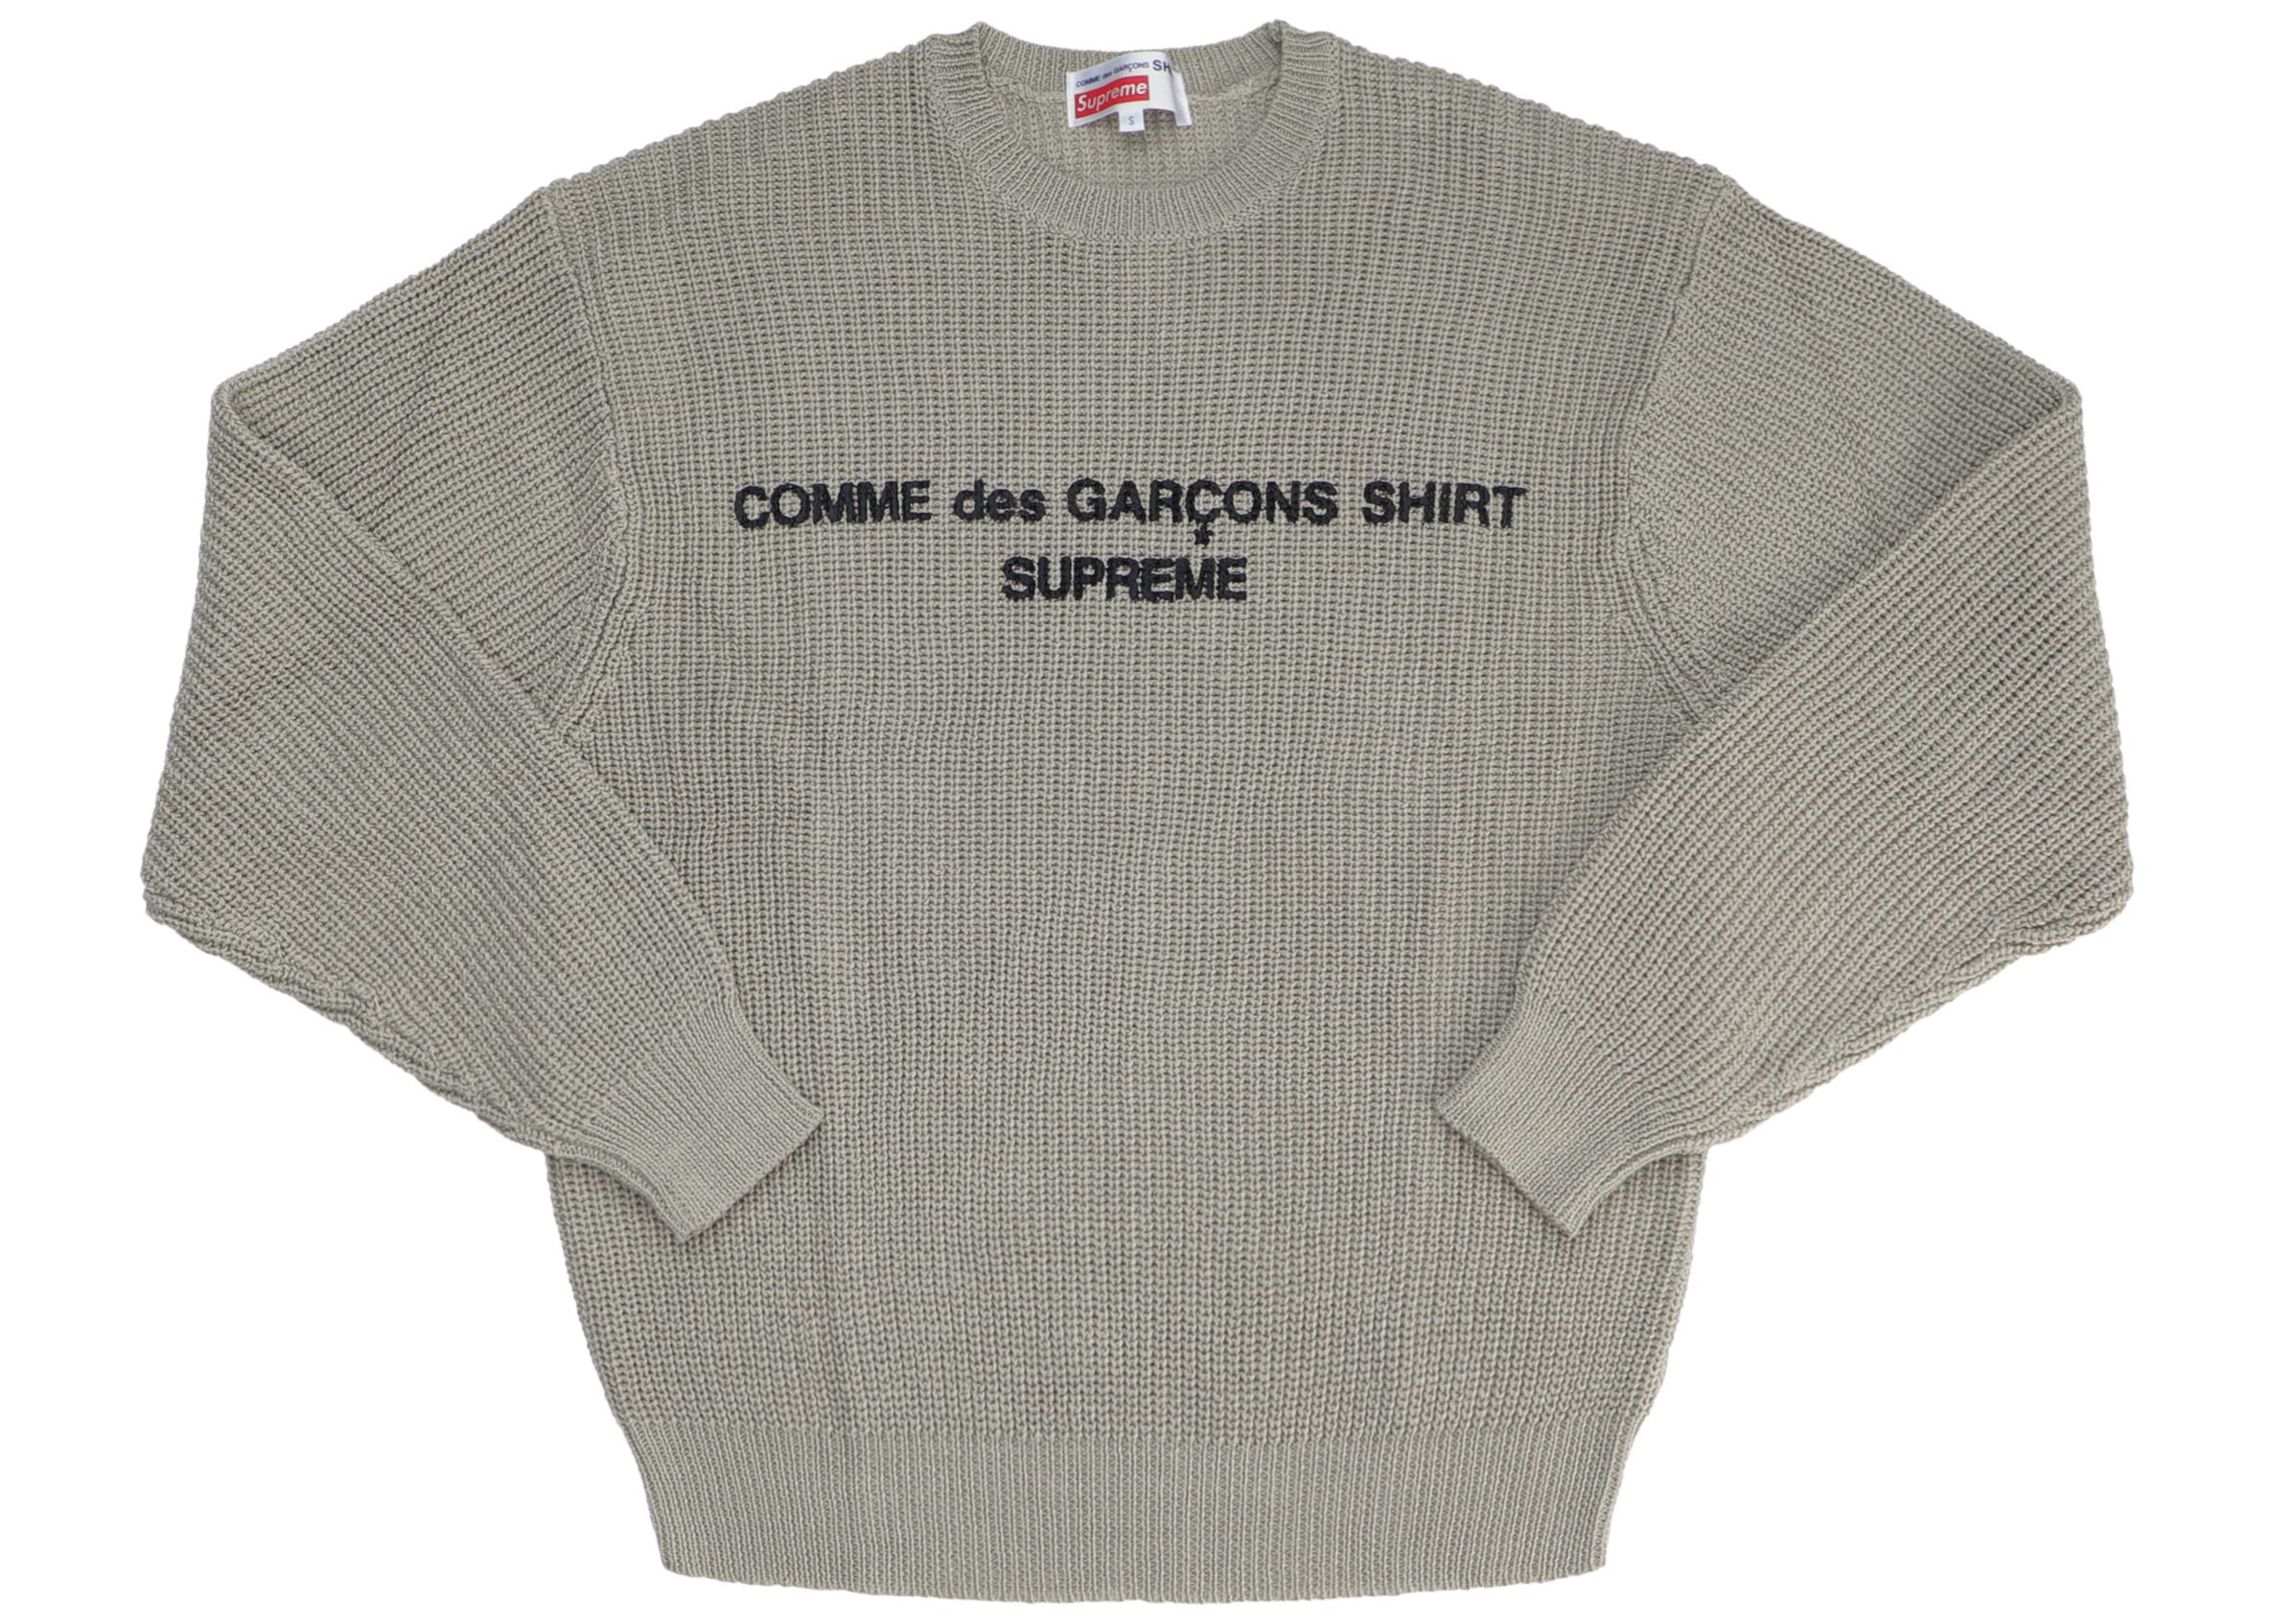 cdg x supreme shirt